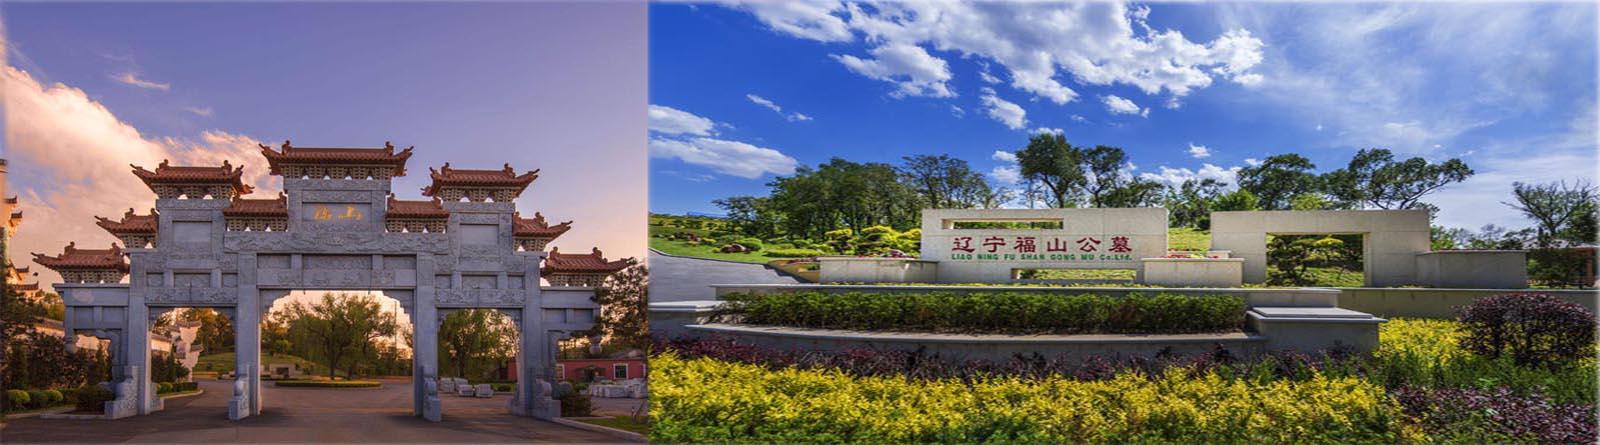 辽宁福山公墓有限公司